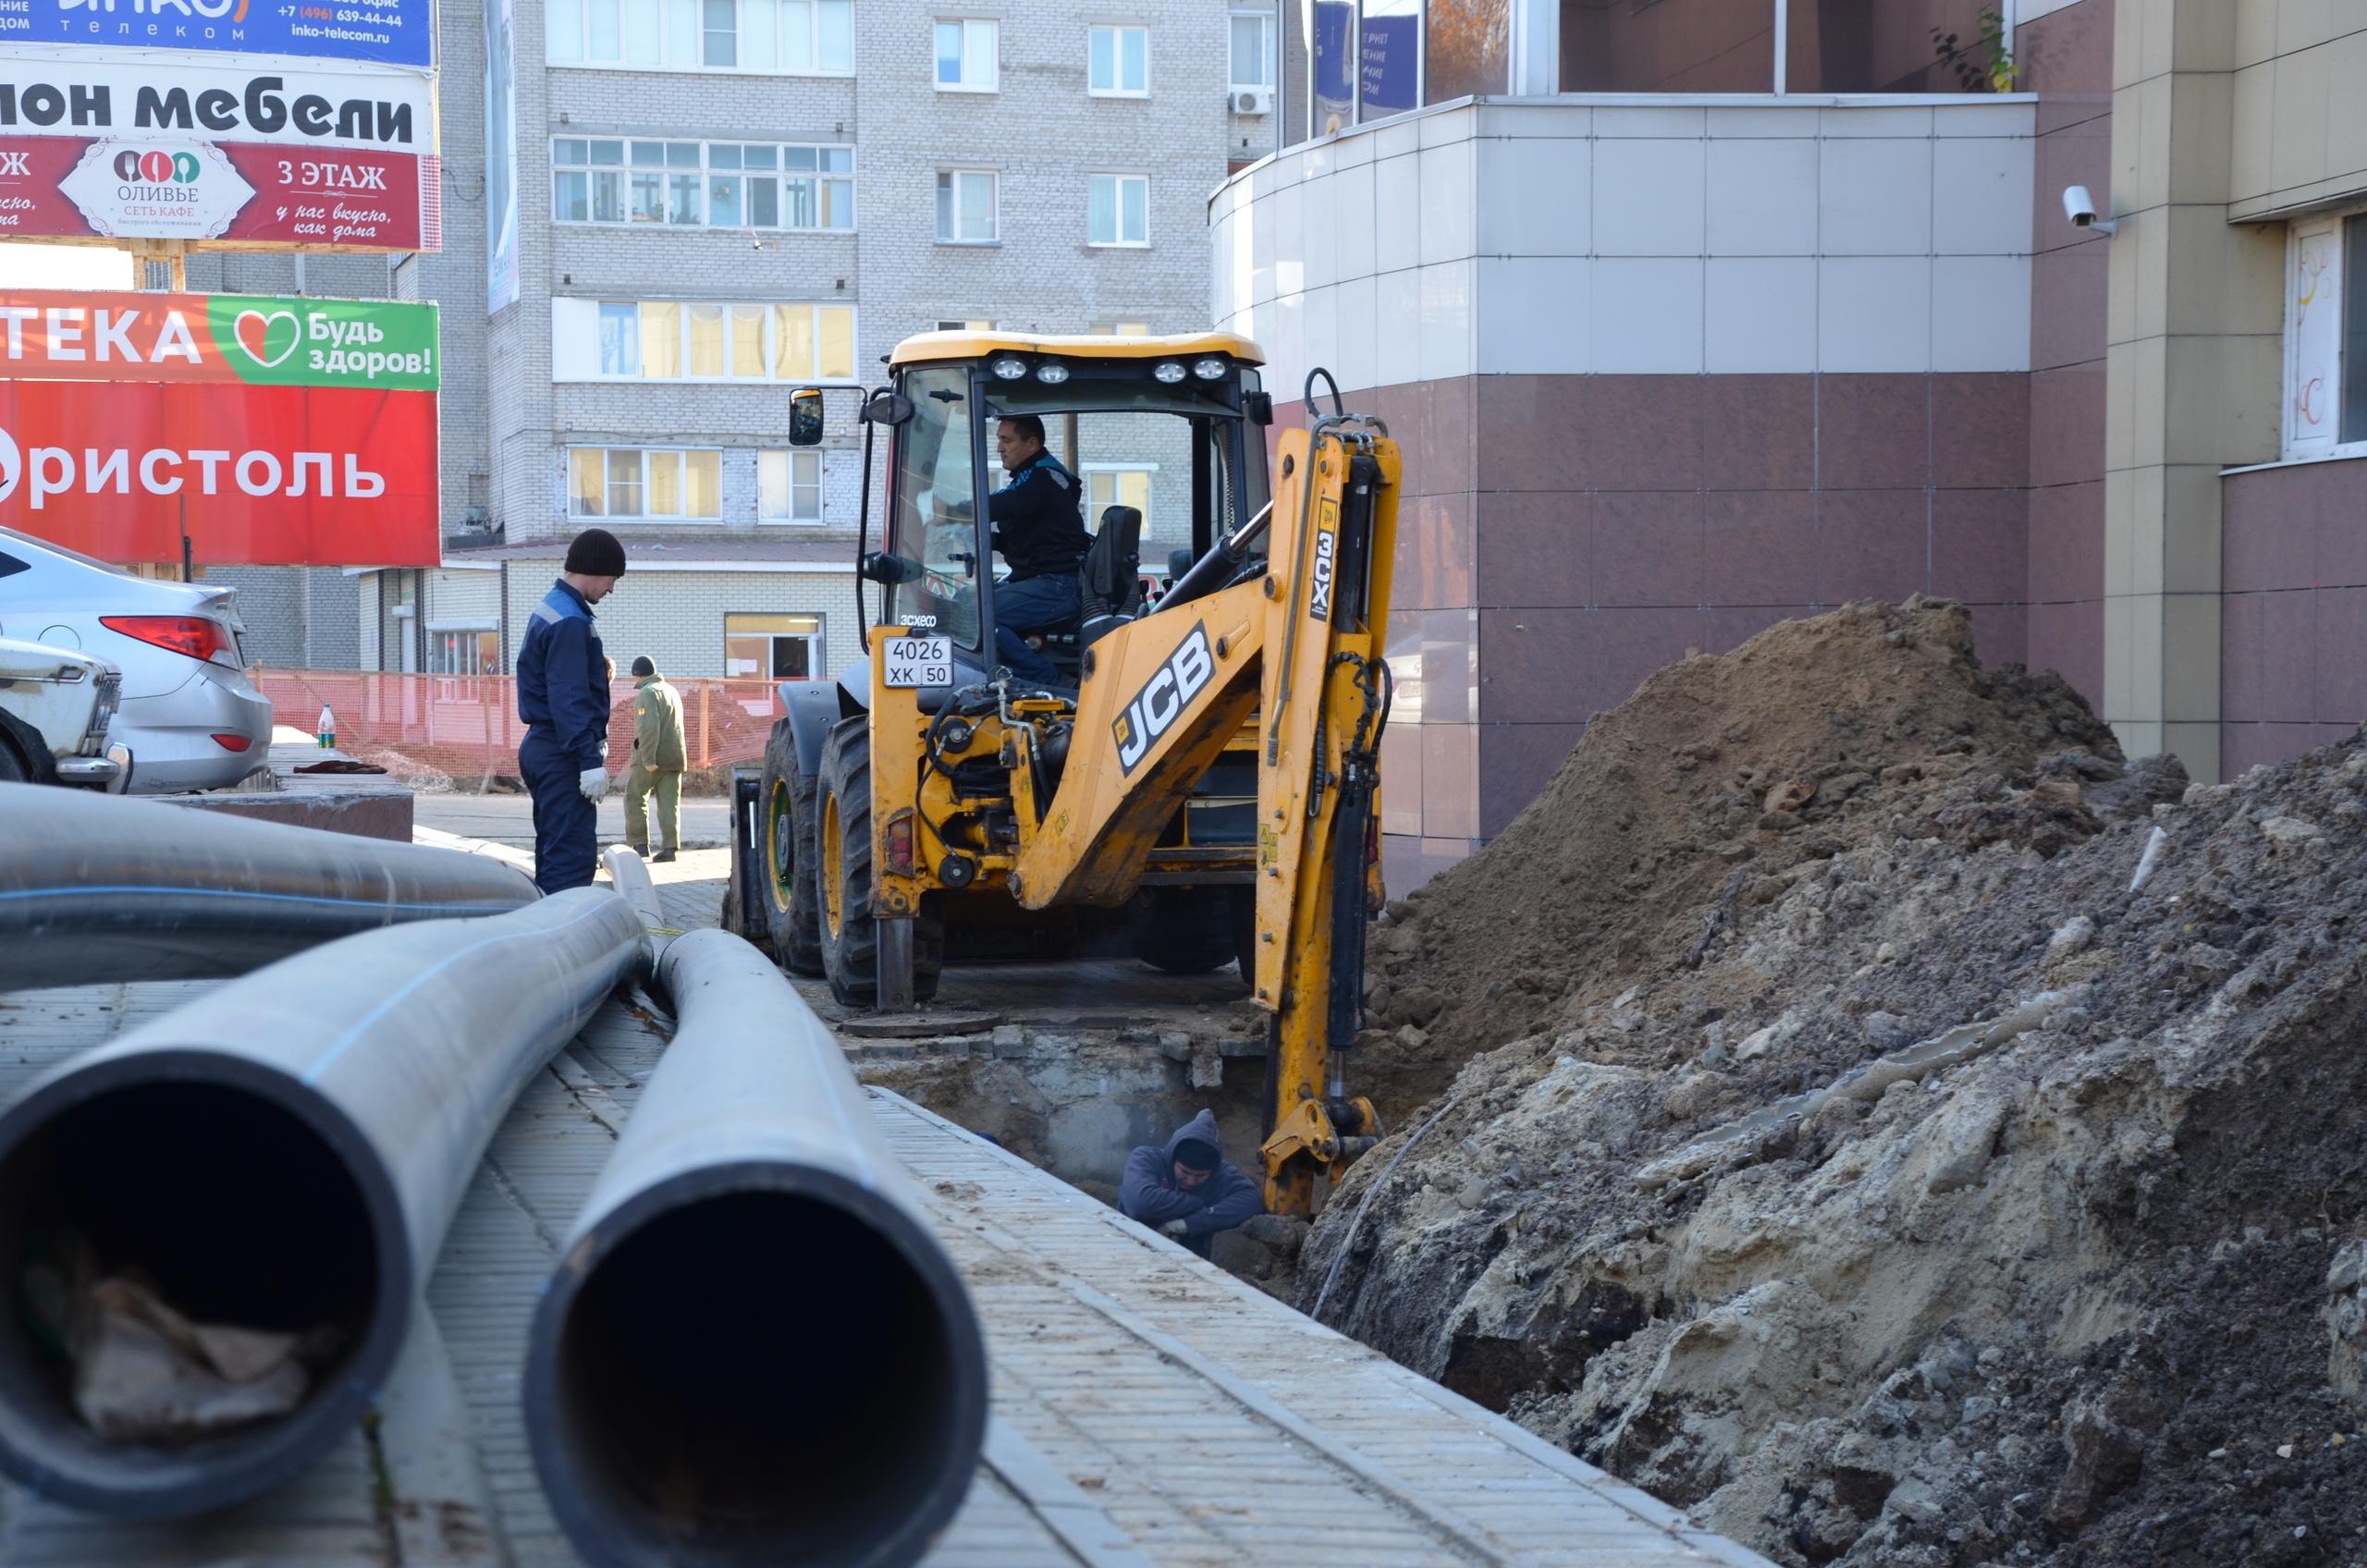 Проинспектировал ход работ замены трассы холодного водоснабжения.  У